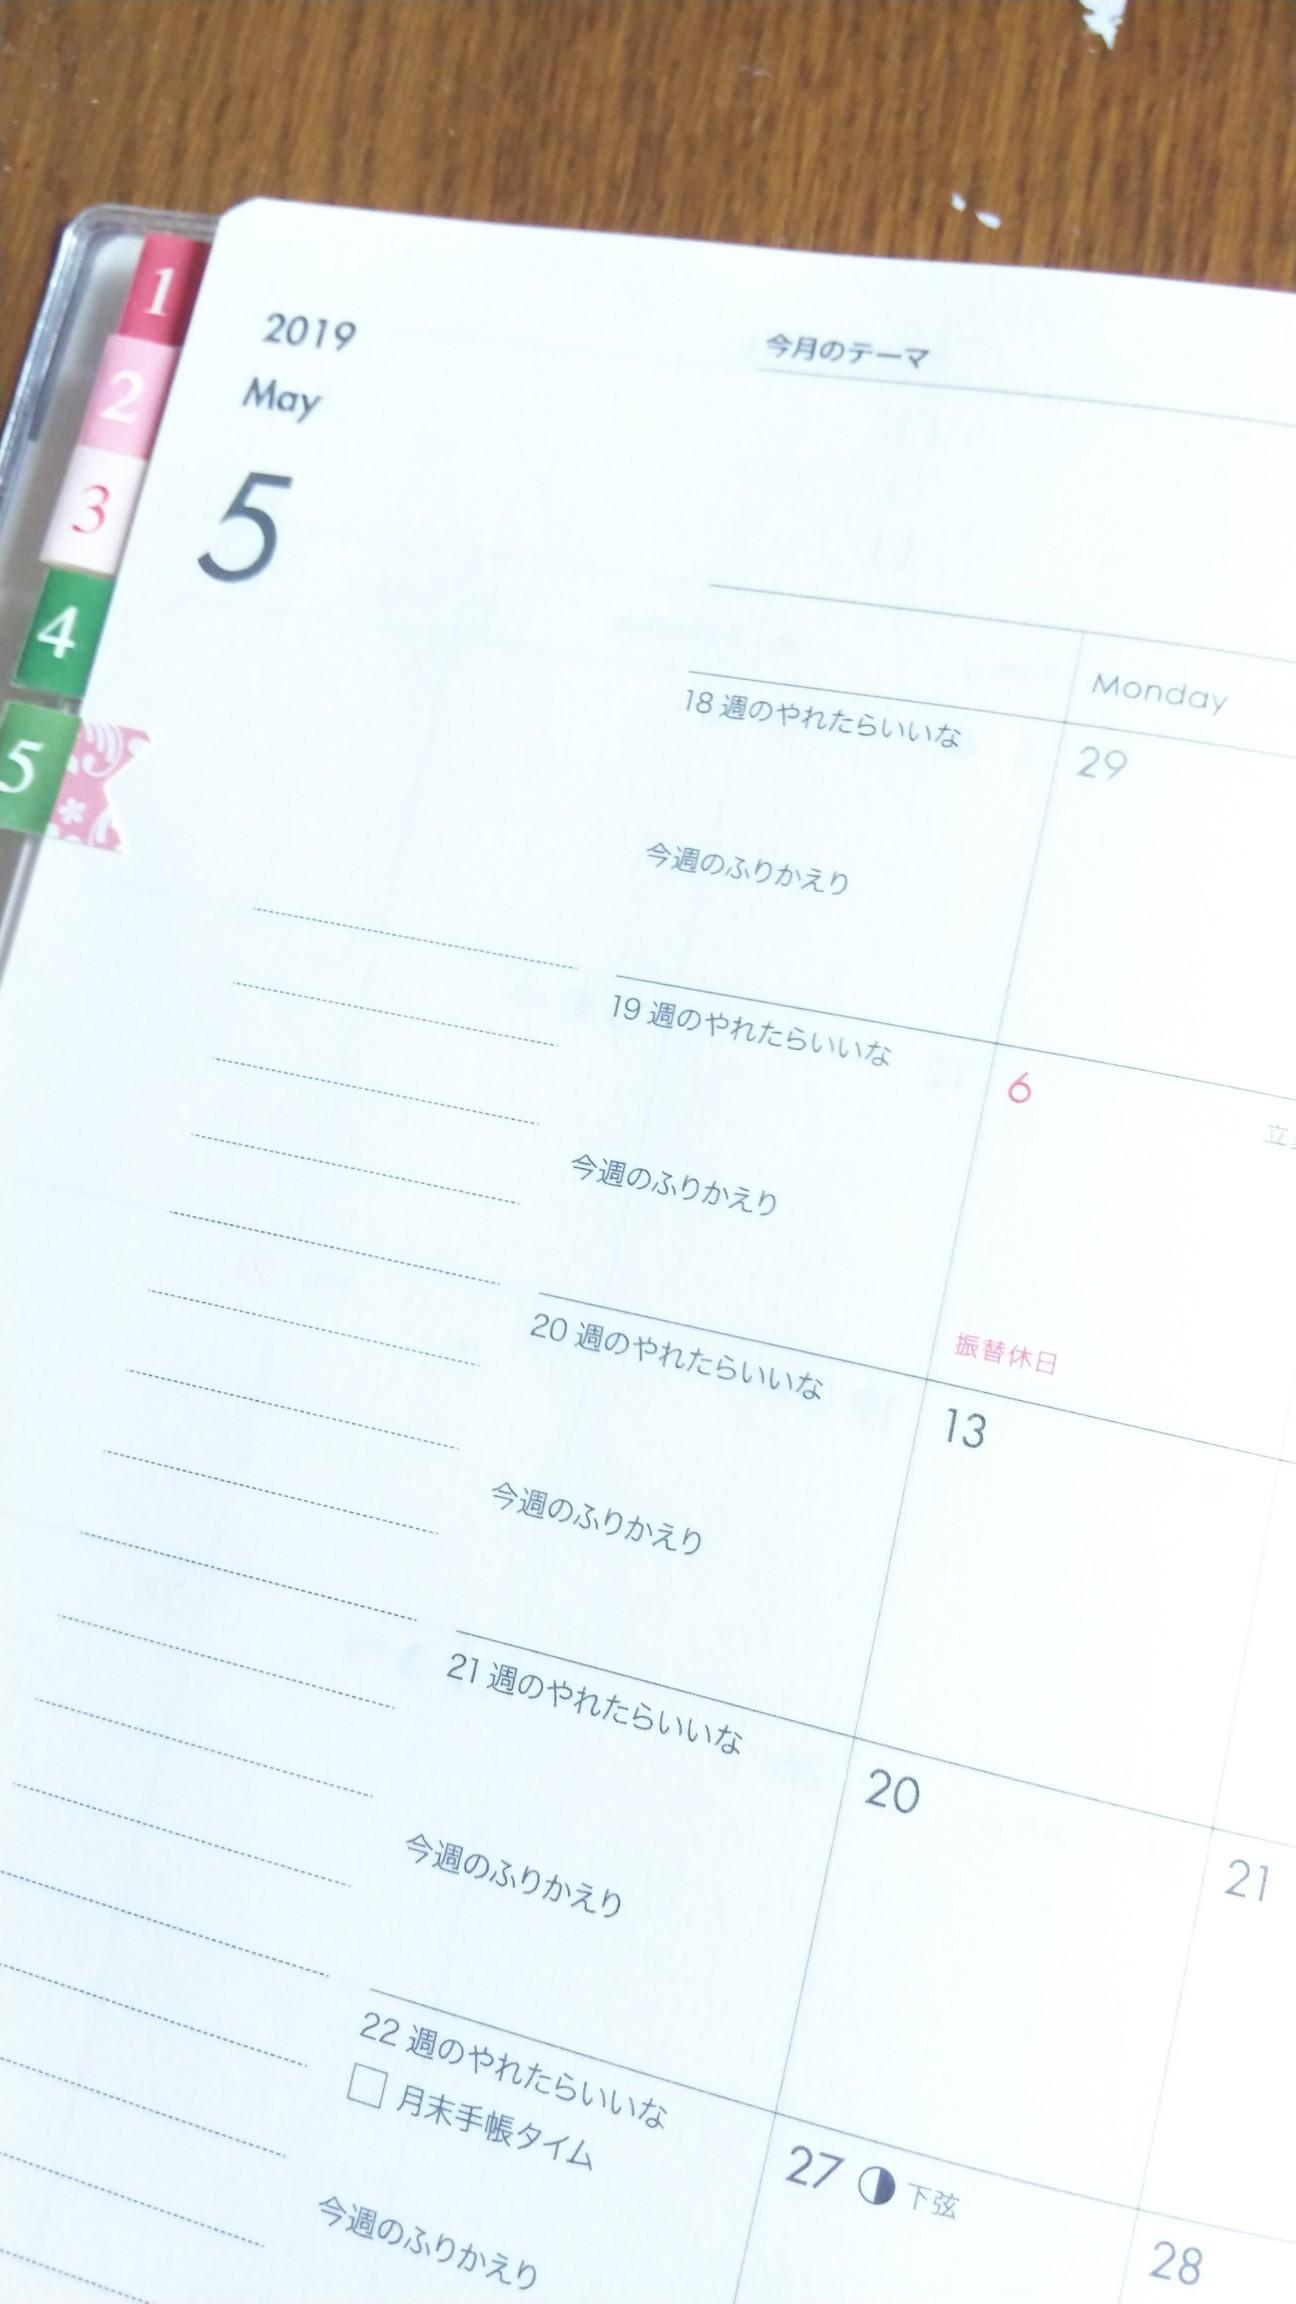 190520 第21週の手帳タイムを取ろう!_f0164842_00575275.jpg